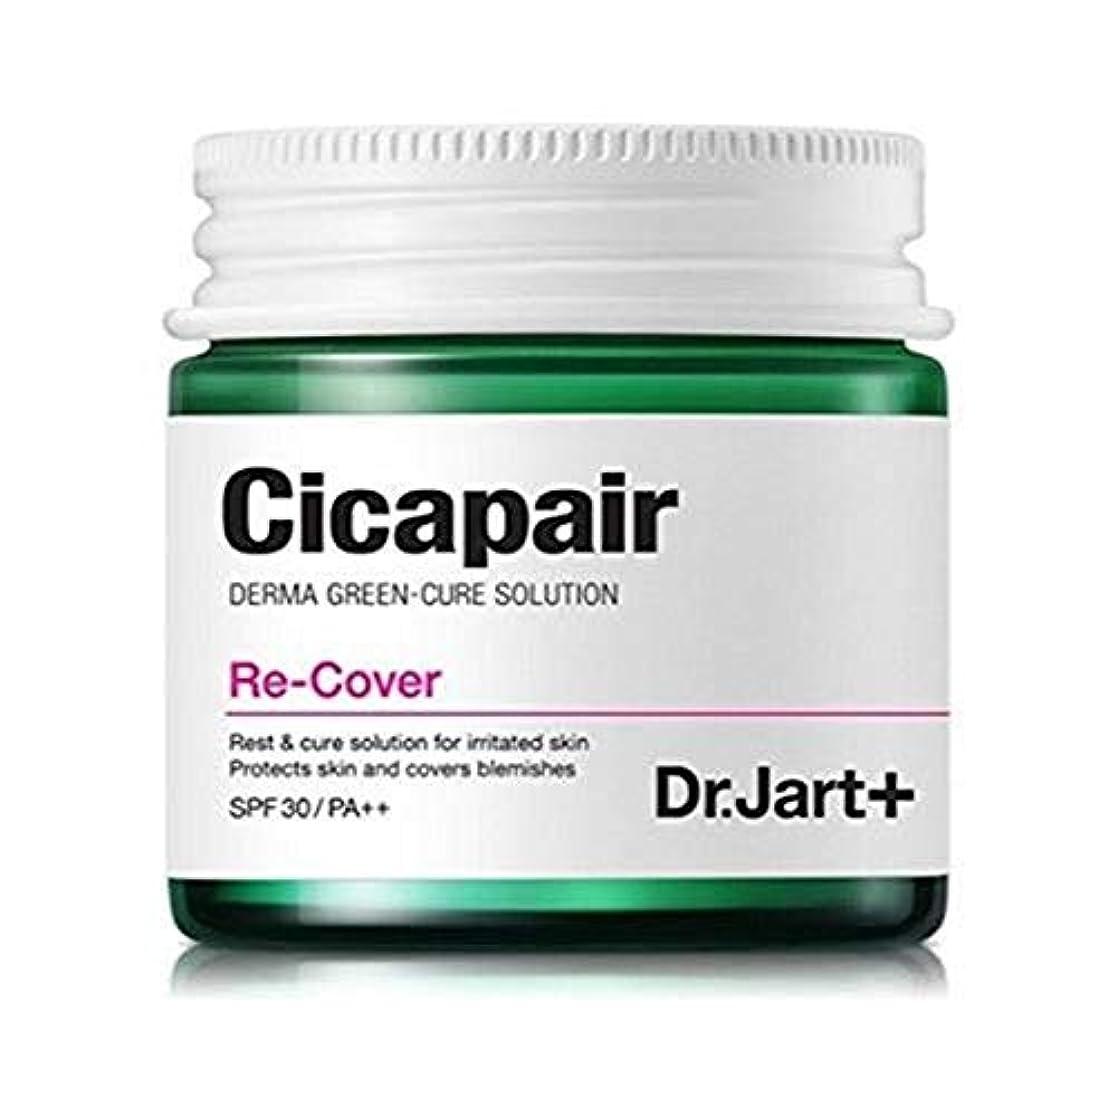 先のことを考えるマキシム欠乏[Dr.Jart+ Cicapair ReCover] ドクタ?ジャルトシカペアリカバ? 皮膚回復と保護紫?線カット ?砂ケア 韓?直送 SPF30/PA++